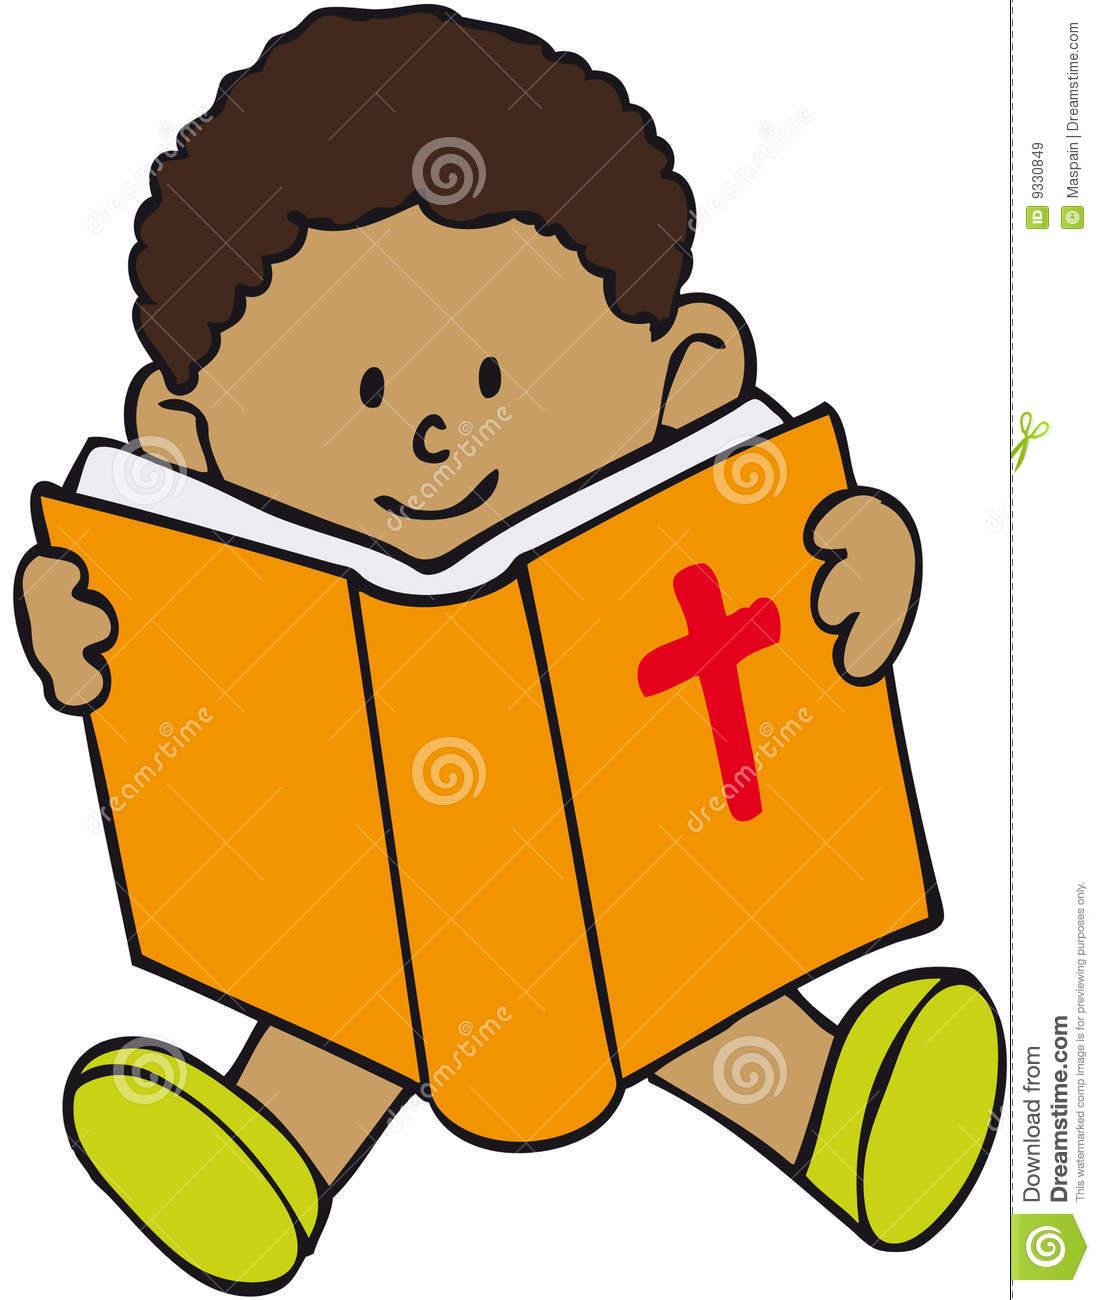 1100x1300 Free Bible Clip Art For Preschoolers Cliparts